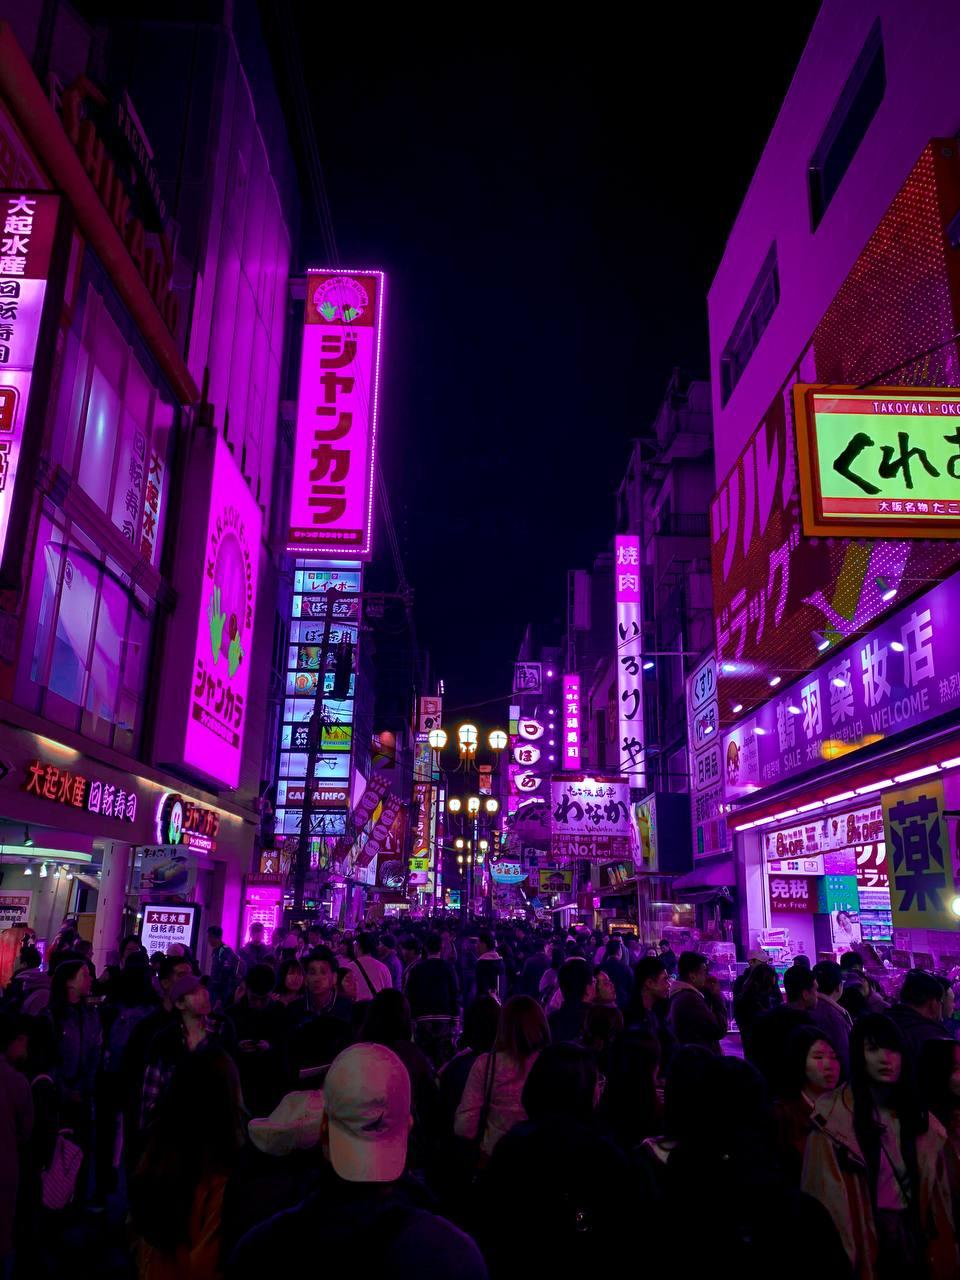 osaka-dotonbori-neon-alleyways-lights-photography-street